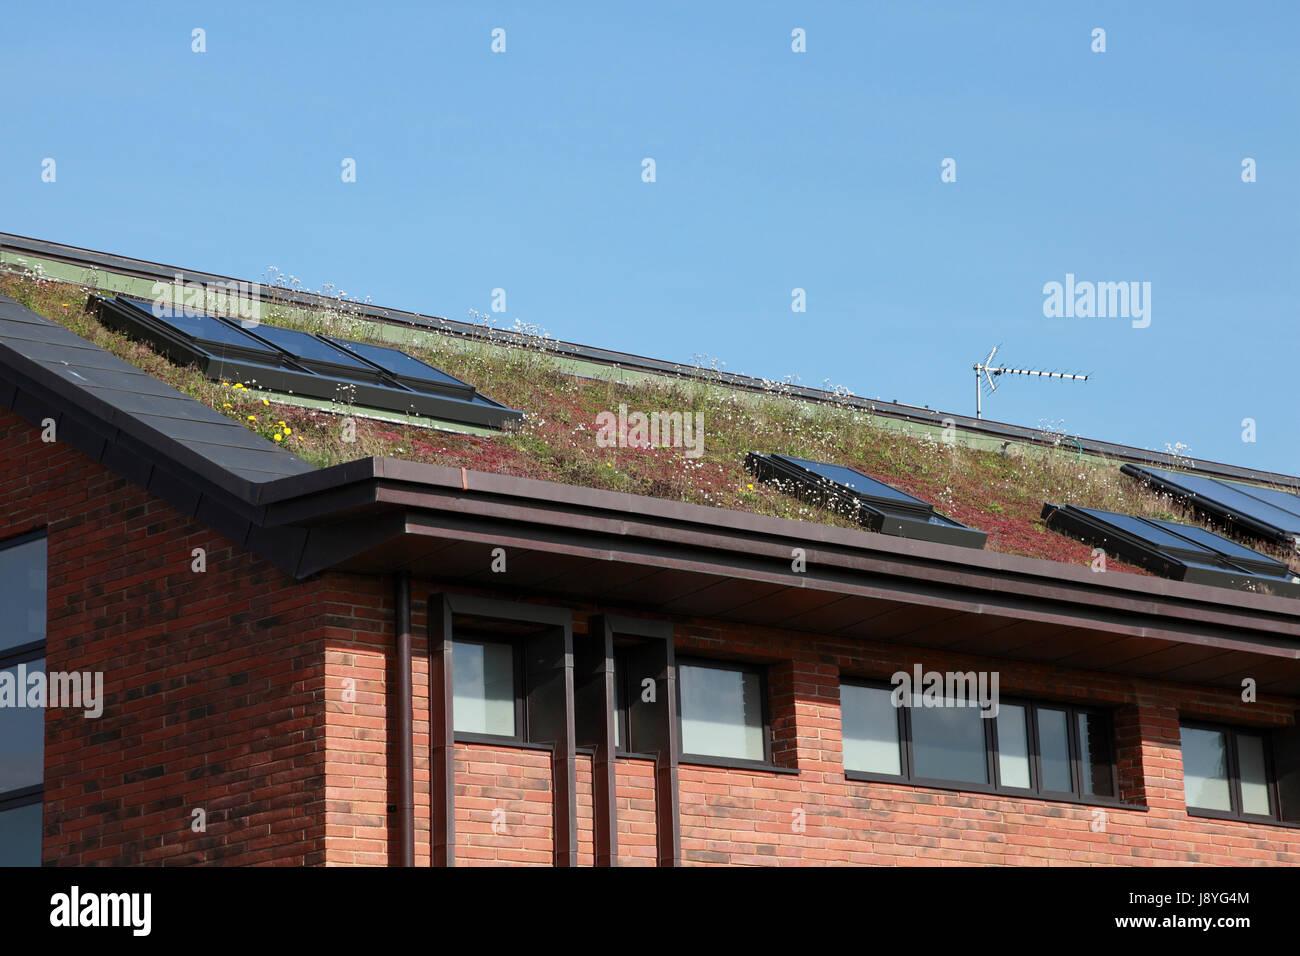 El techo de Market Drayton la estación de policía de baja energía construida con un verde sedum mat y paneles solares Foto de stock